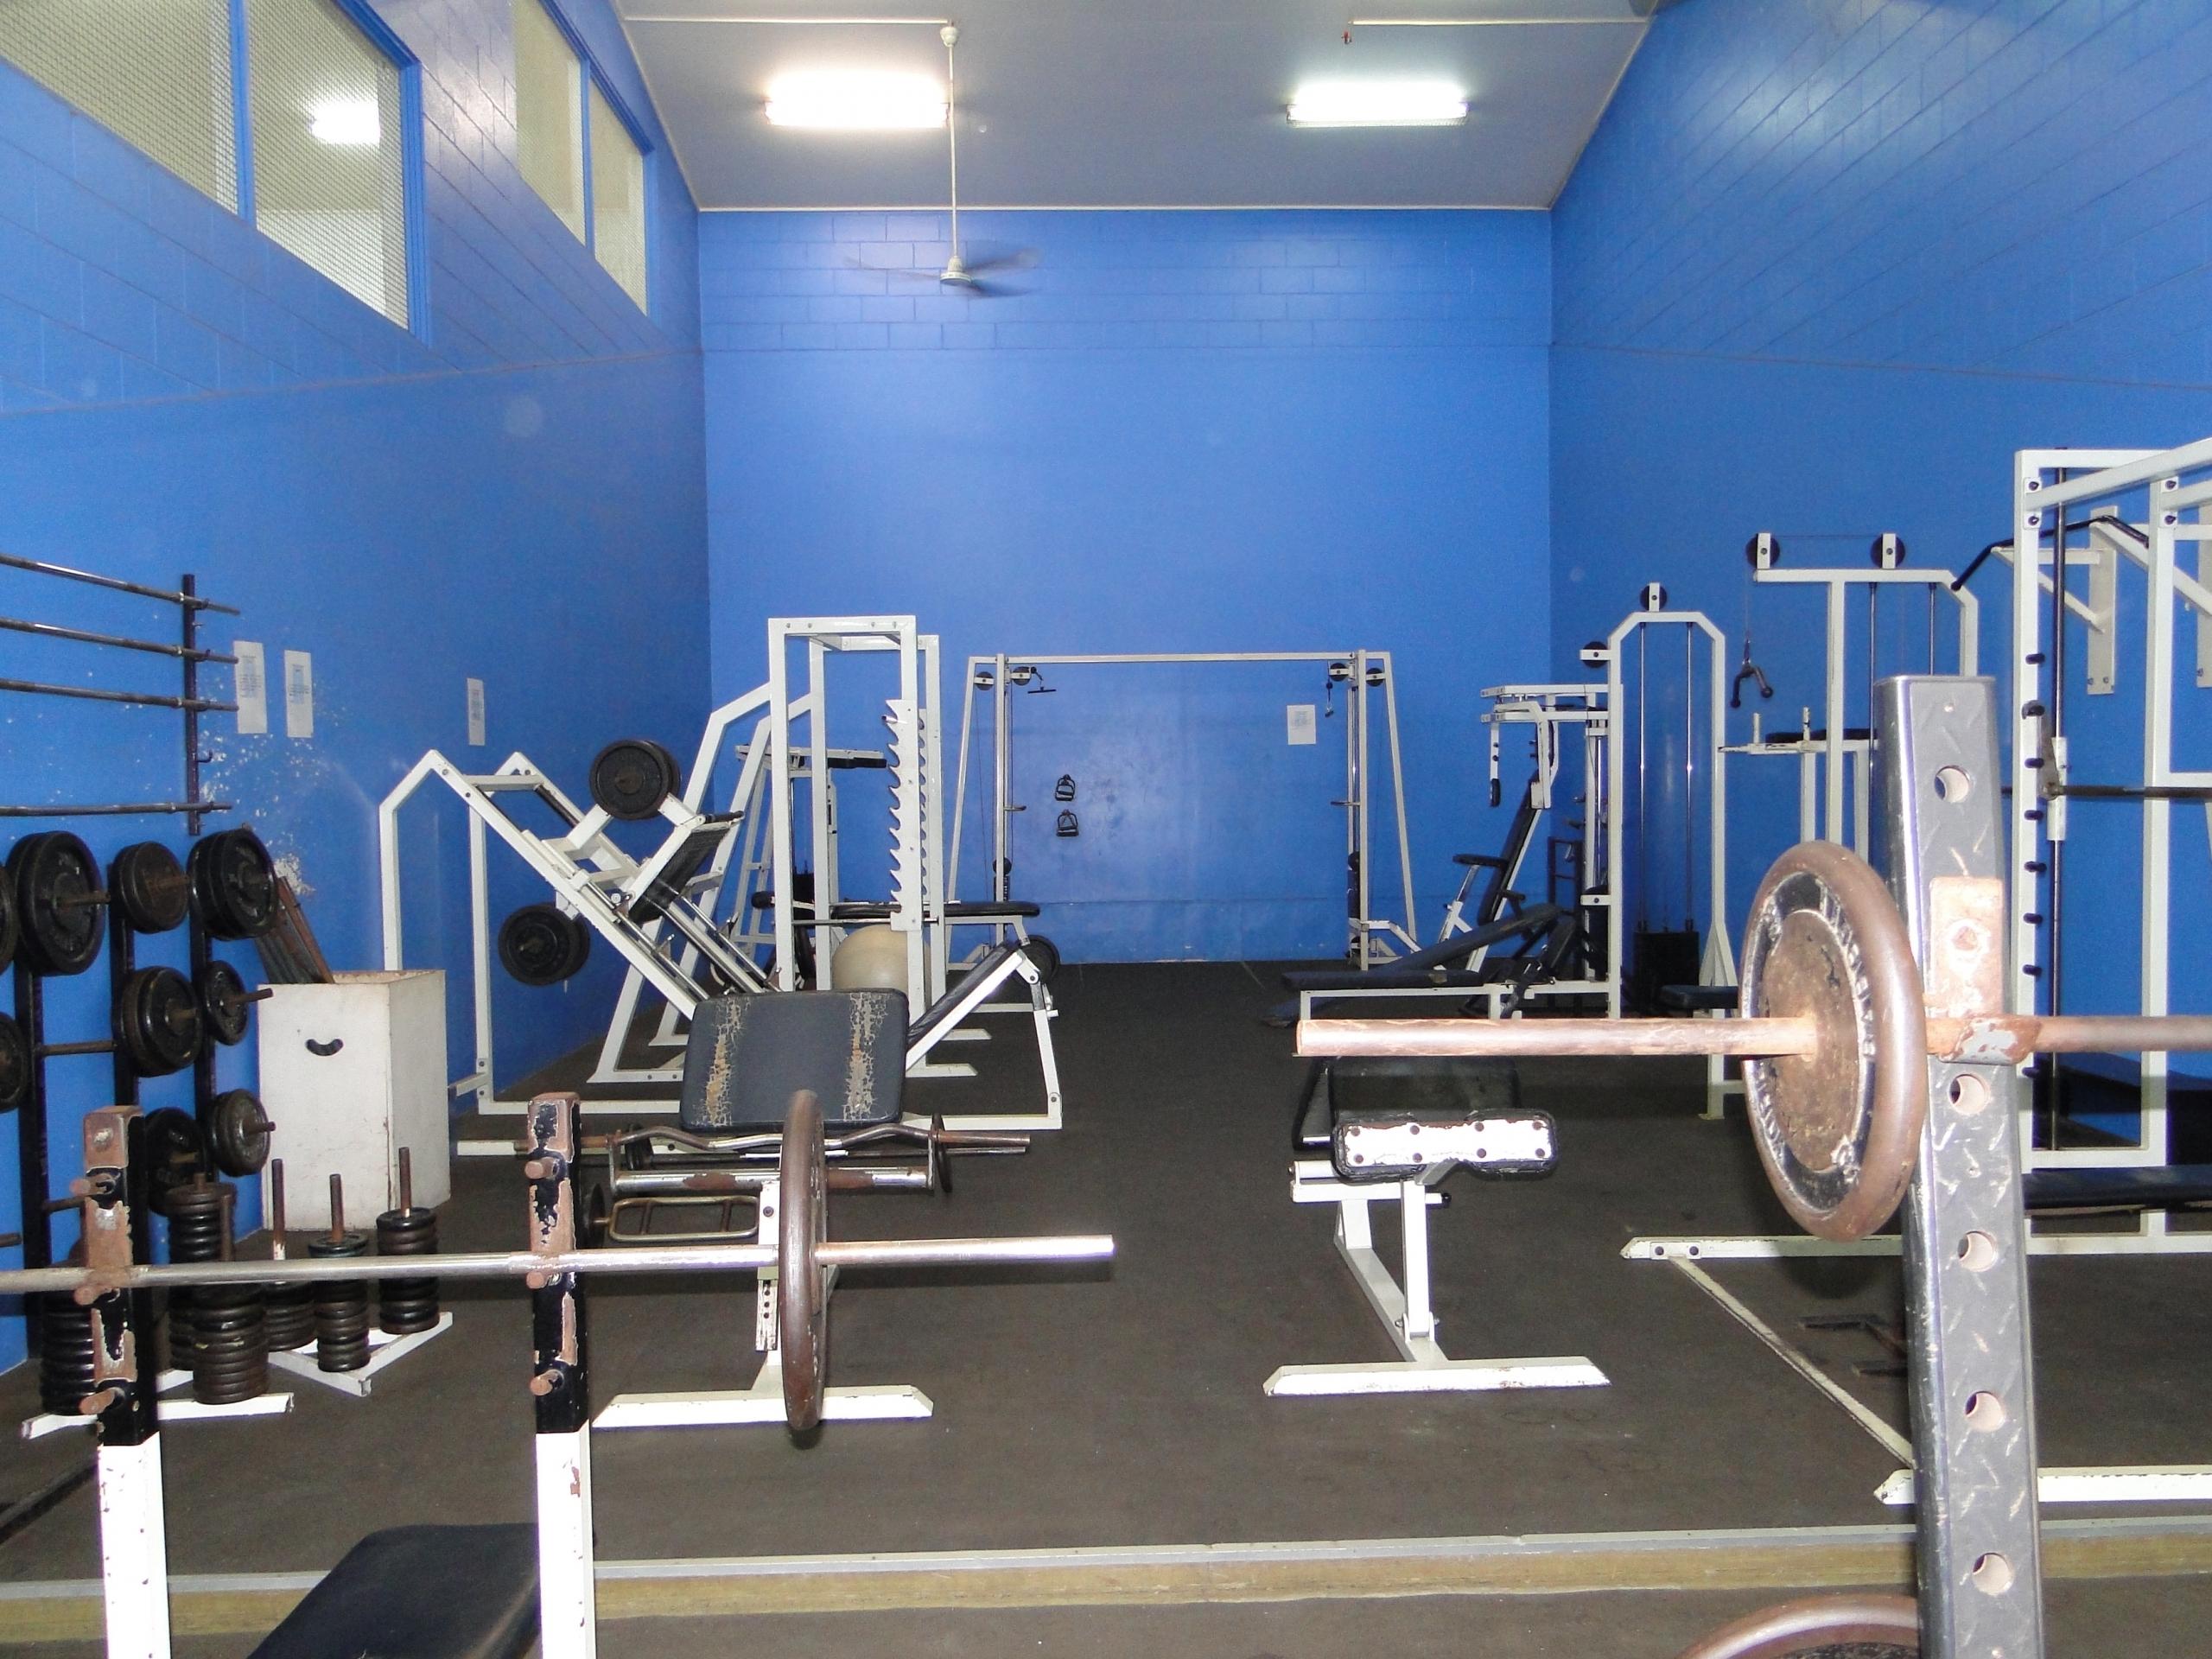 Holiday Inn Gymnasium